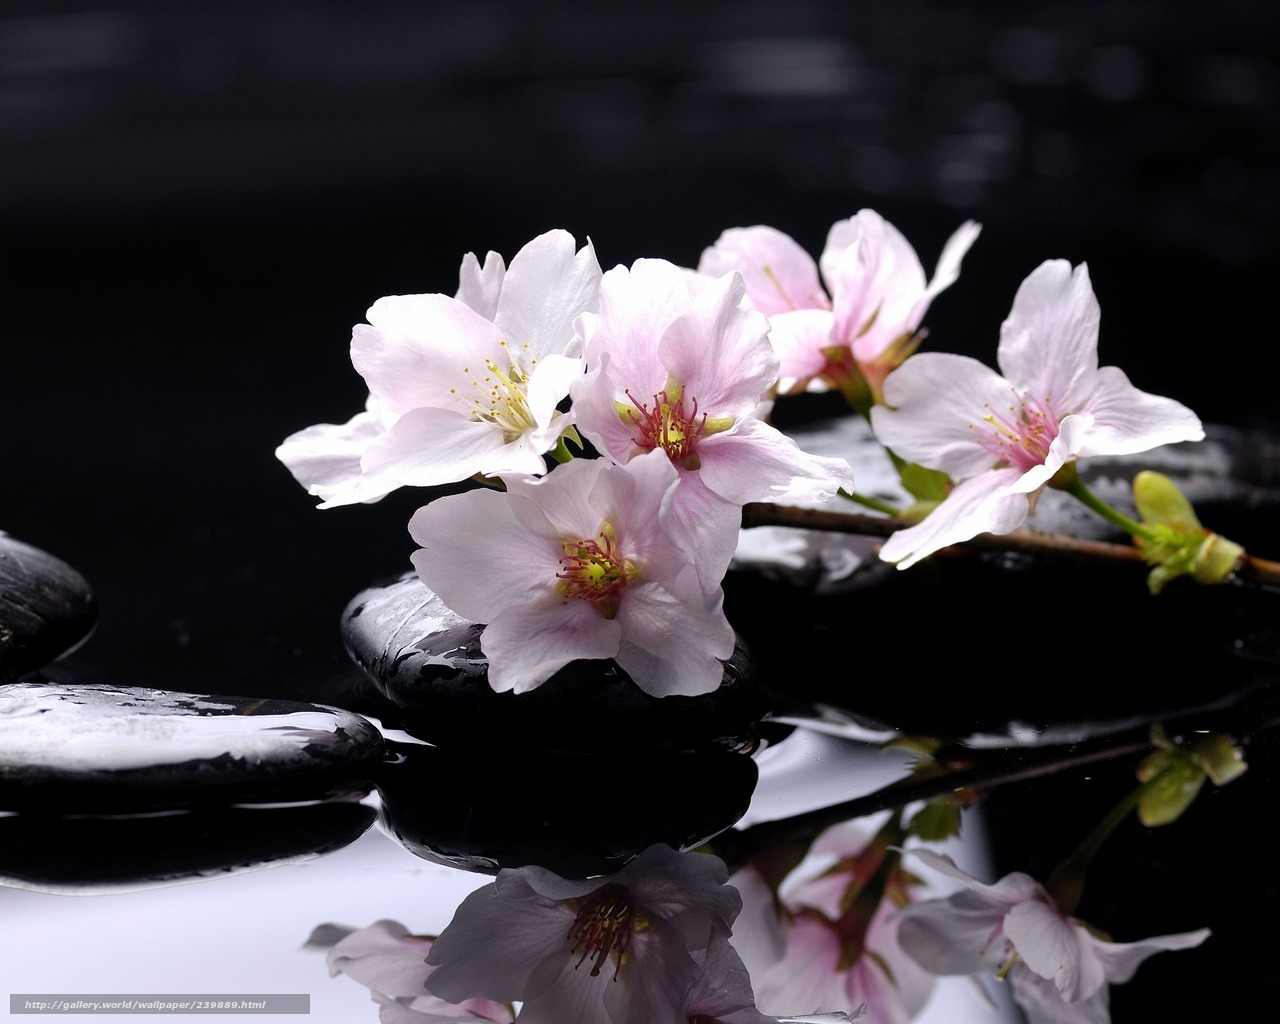 Wallpaper steine blumen  Download Hintergrund Wasser, Blumen, Steine Freie desktop Tapeten in ...